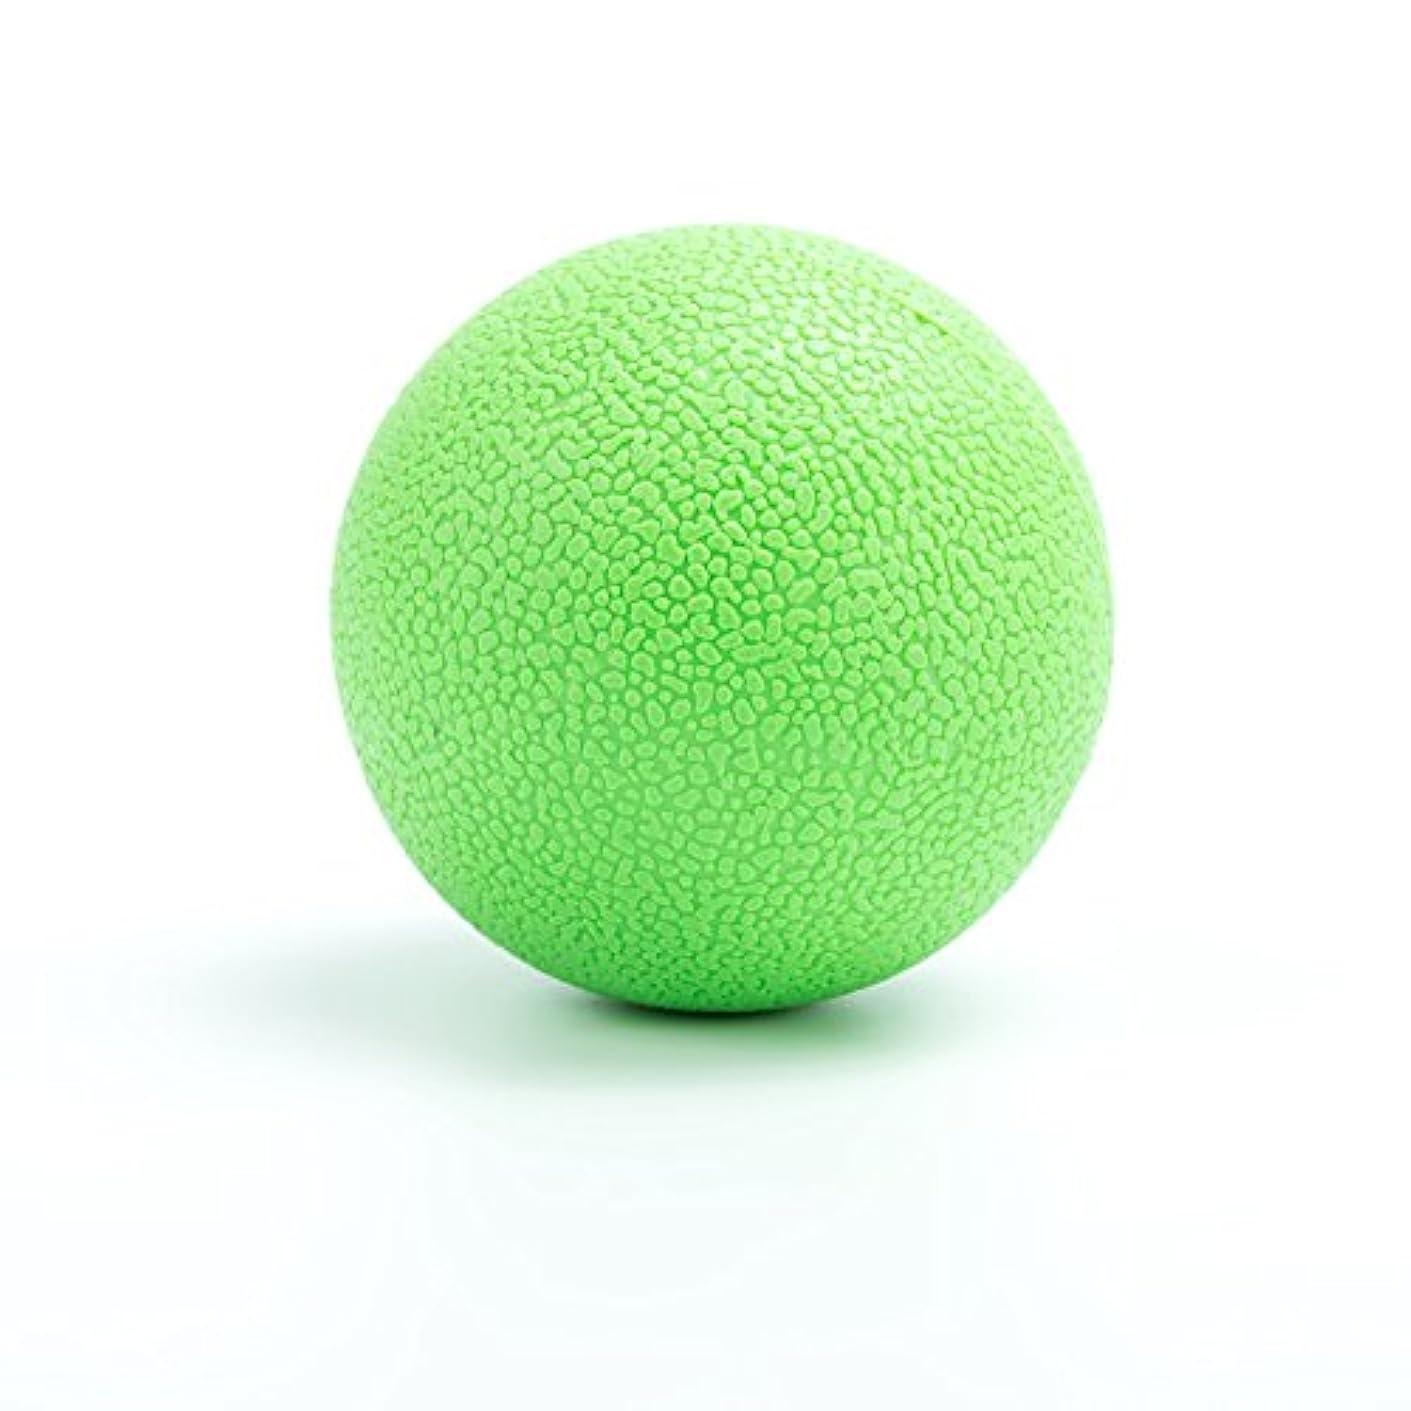 神経障害累積前提Massage Ball マッサージボール 筋膜リリース Yoga Lacrosse Ball 背中 肩こり 腰 ふくらはぎ 足裏 ツボ押しグッズ